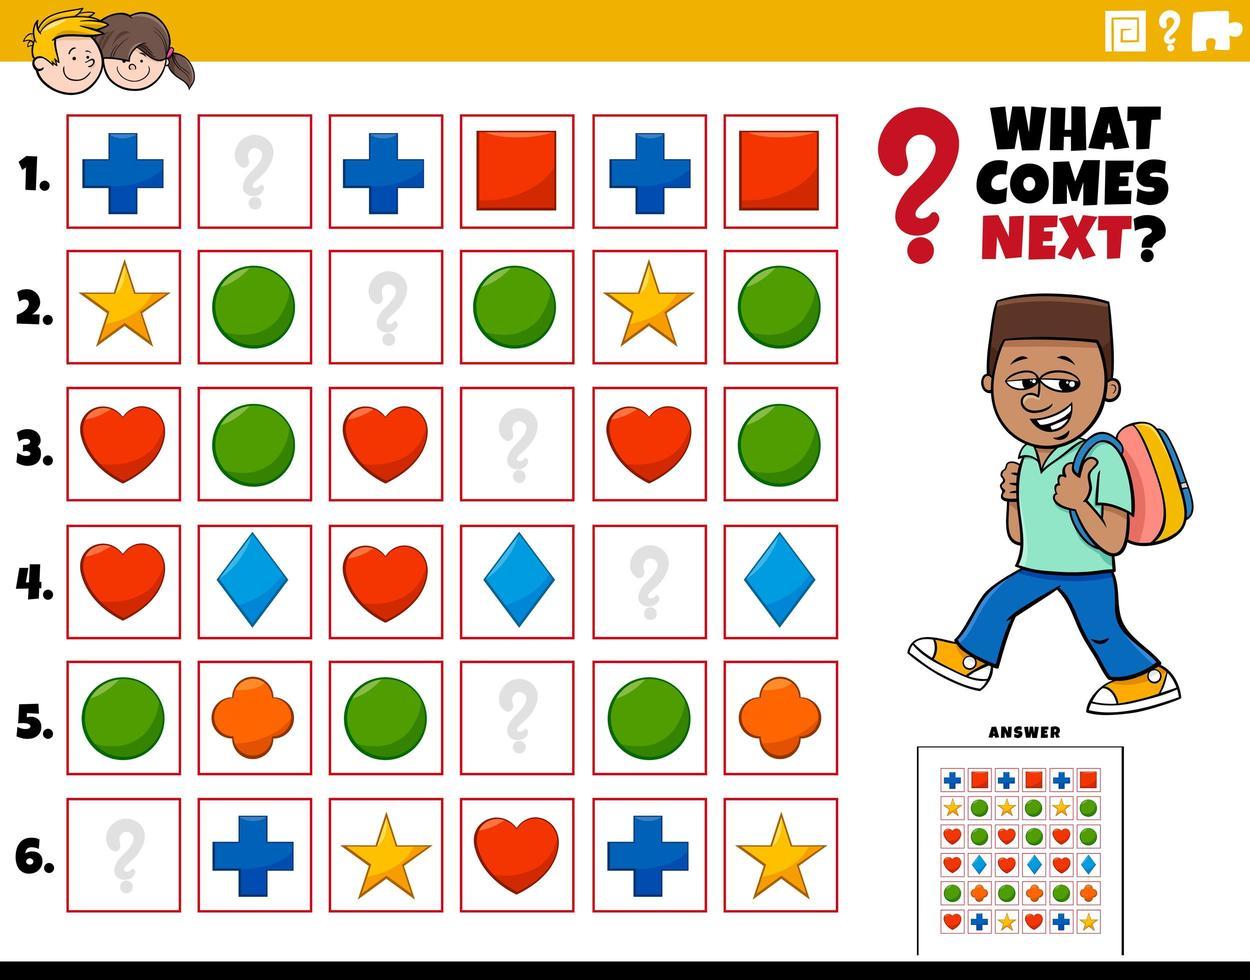 completar la tarea educativa patrón para niños vector